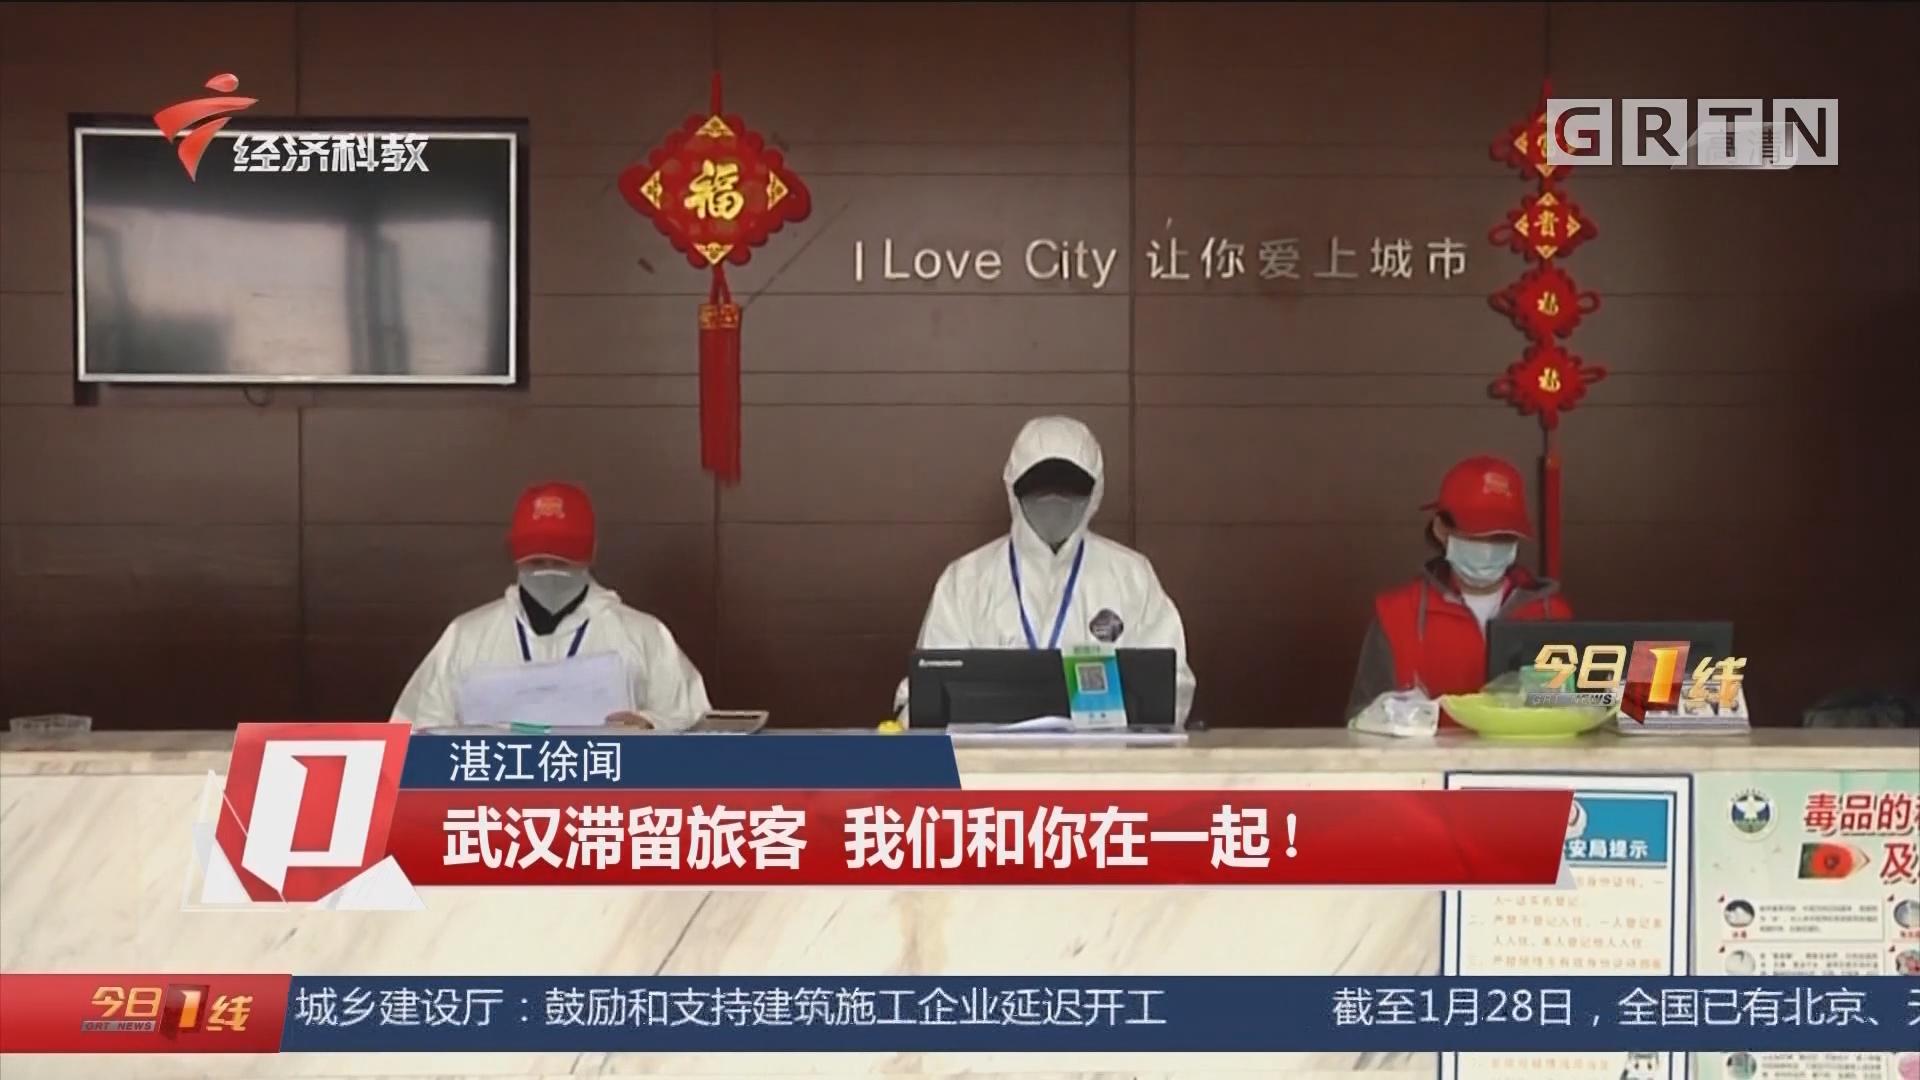 湛江徐闻:武汉滞留旅客 我们和你在一起!